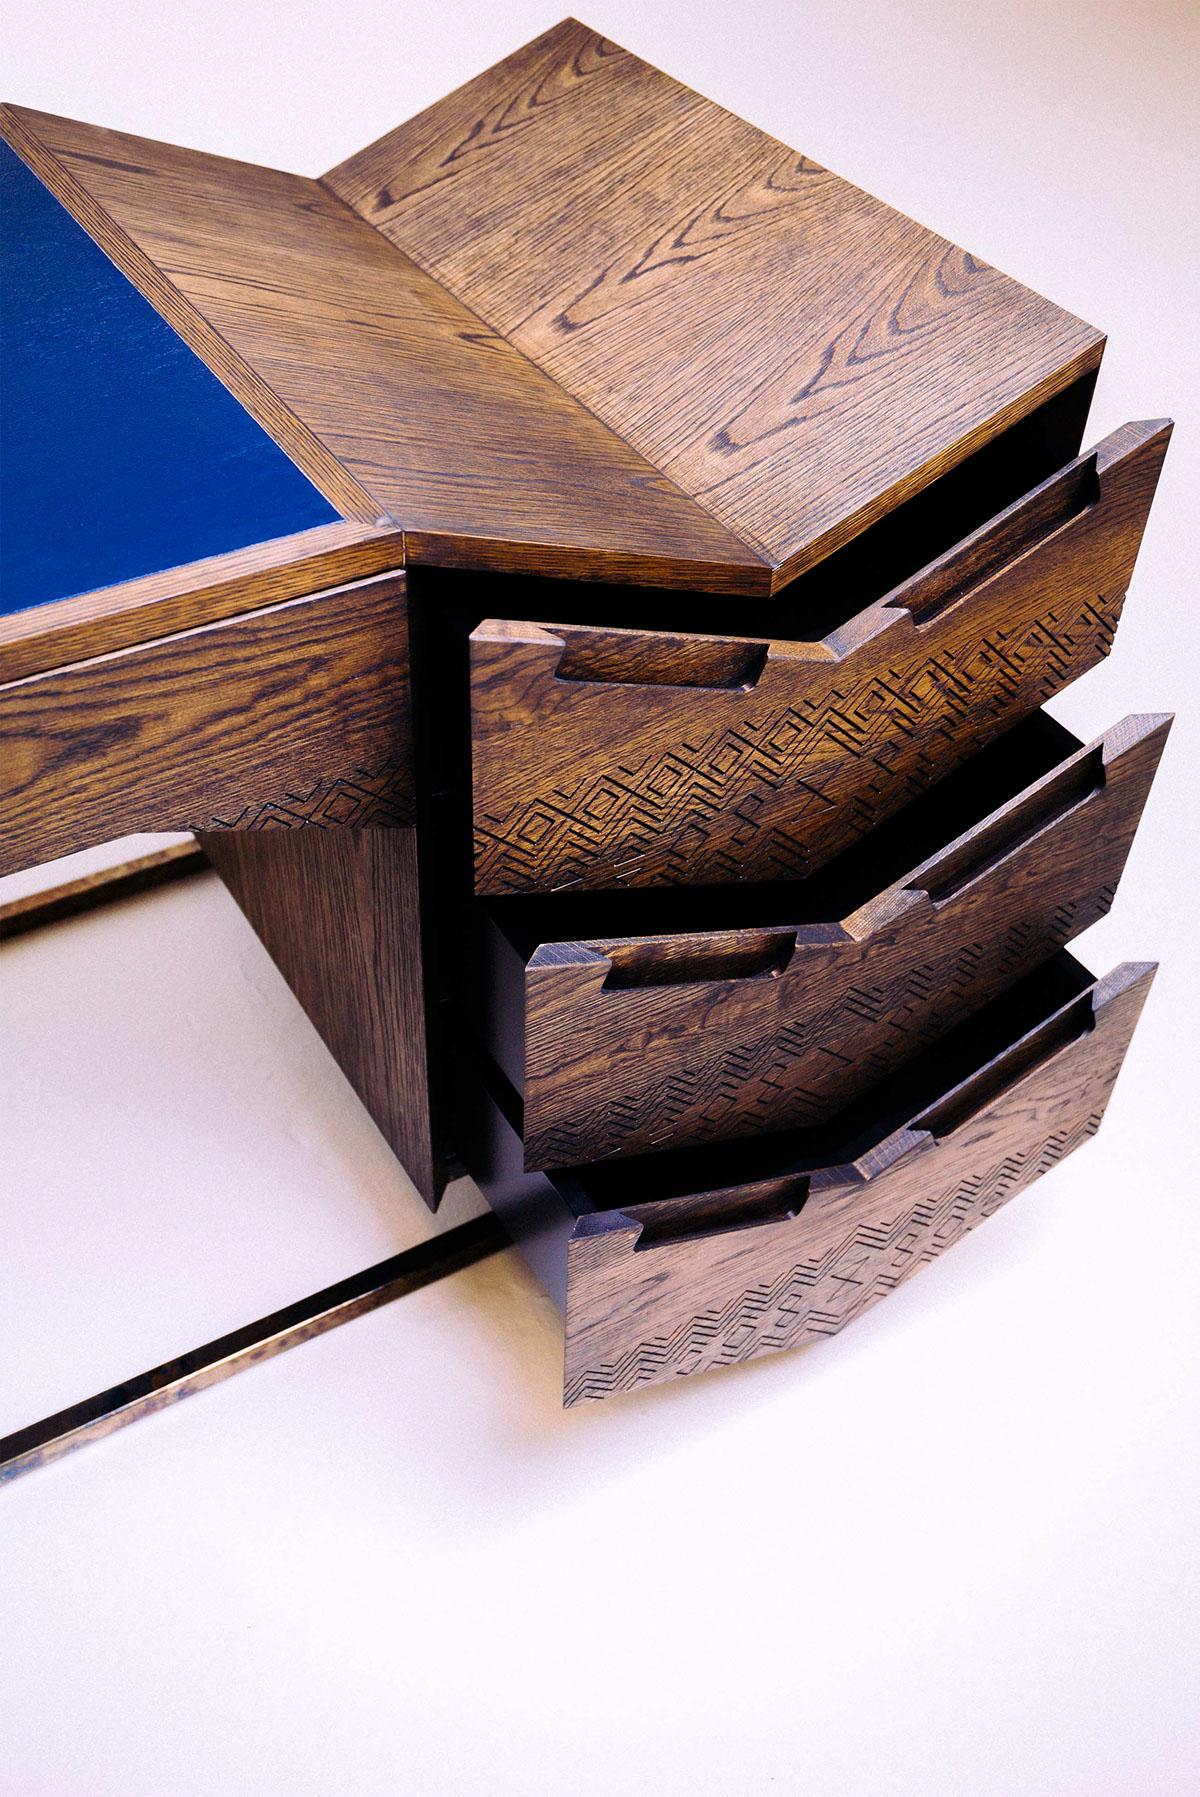 South African furniture designer Siyanda Mbele